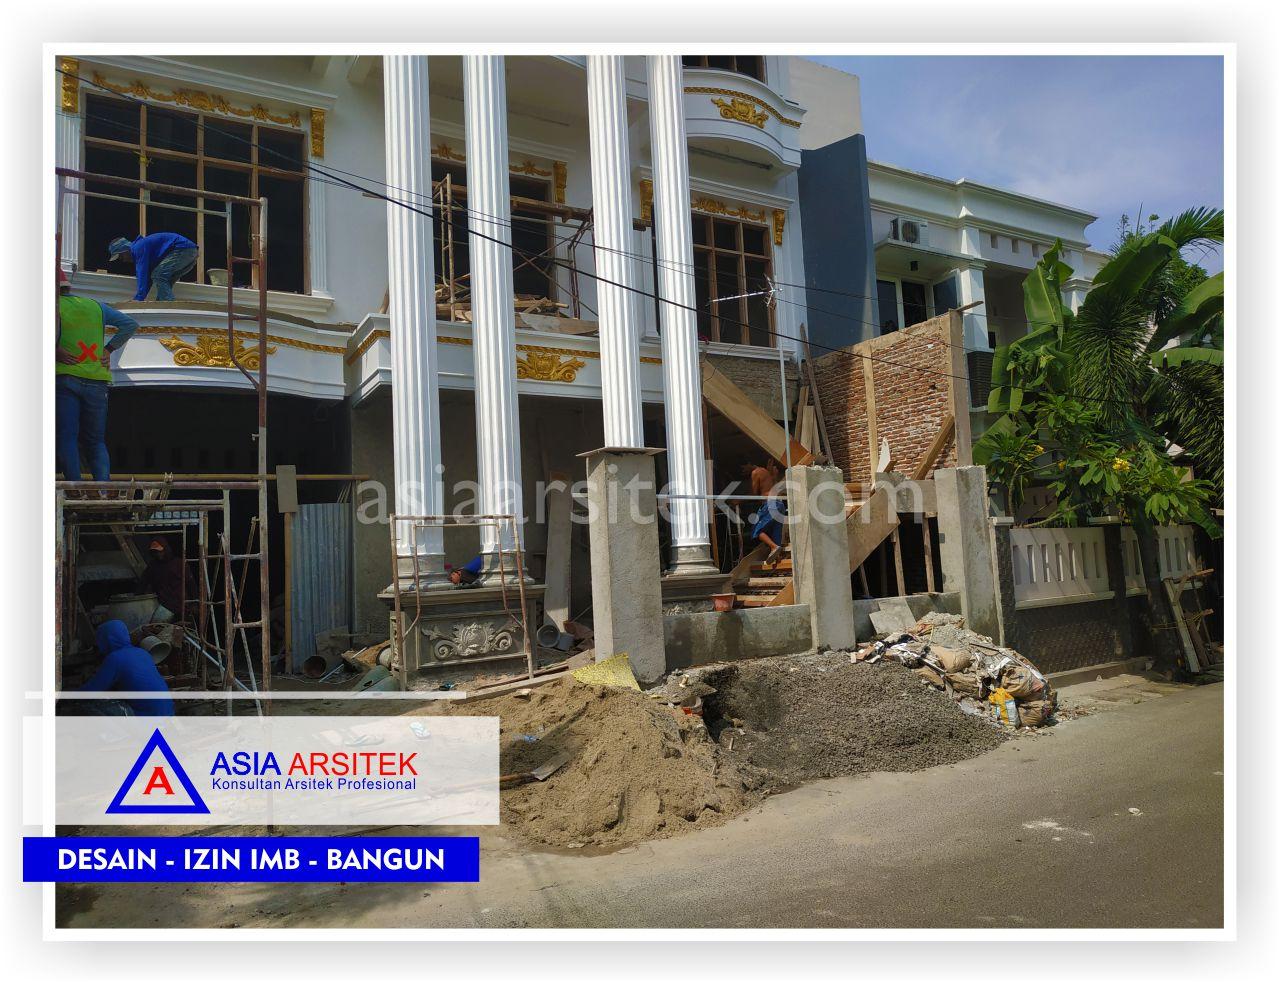 Penyempurnaan Fasad Rumah Klasik Mewah Bu Elisa - Arsitek Desain Rumah Minimalis Modern Di Jakarta-Tangerang-Bogor-Bekasi-Bandung-Jasa Konsultan Desain Arsitek Profesional (4)